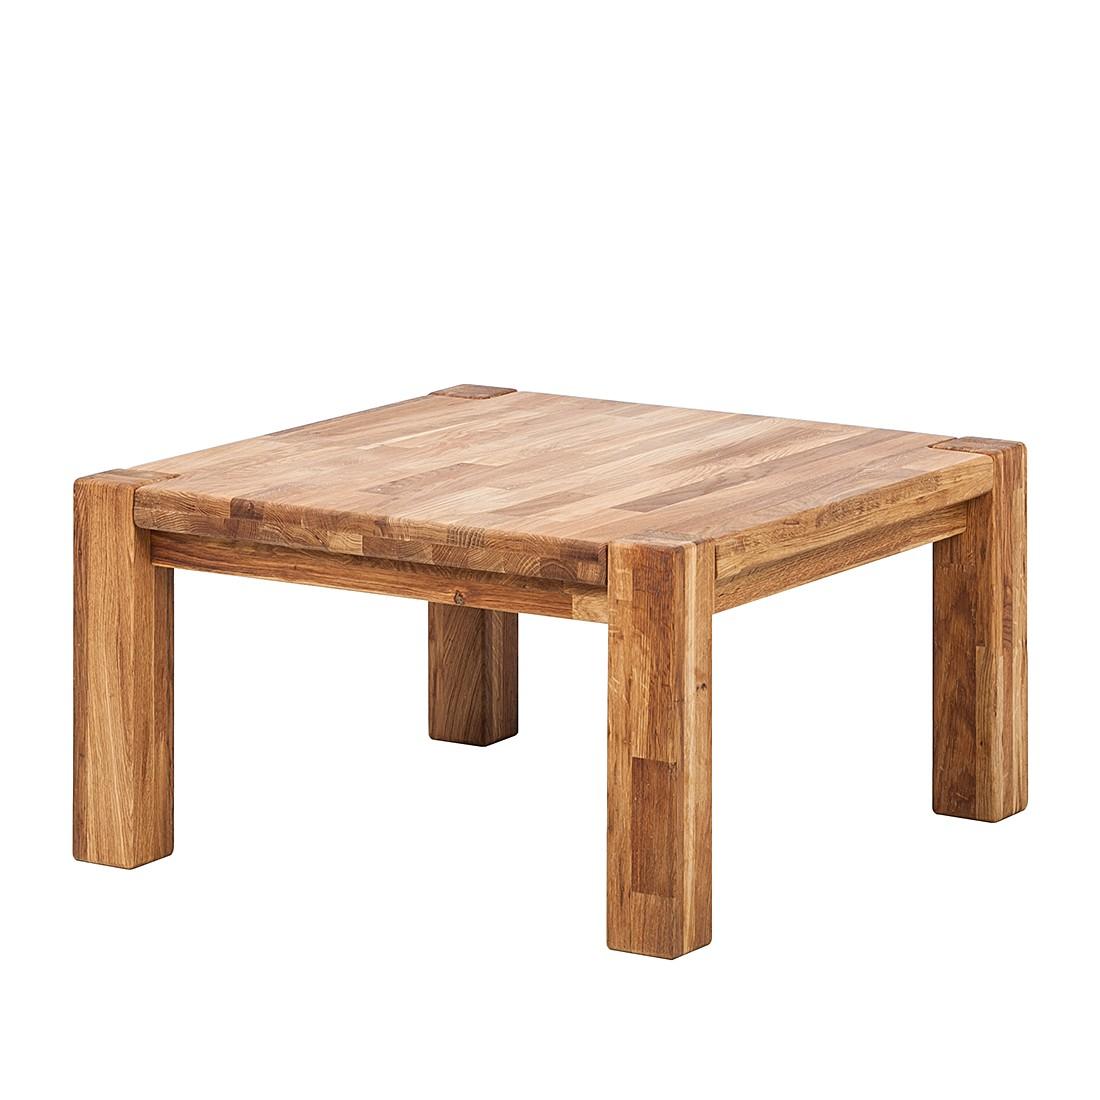 Tavolino da salotto RichWOOD I - Legno massello di quercia Oliato, Ars Natura